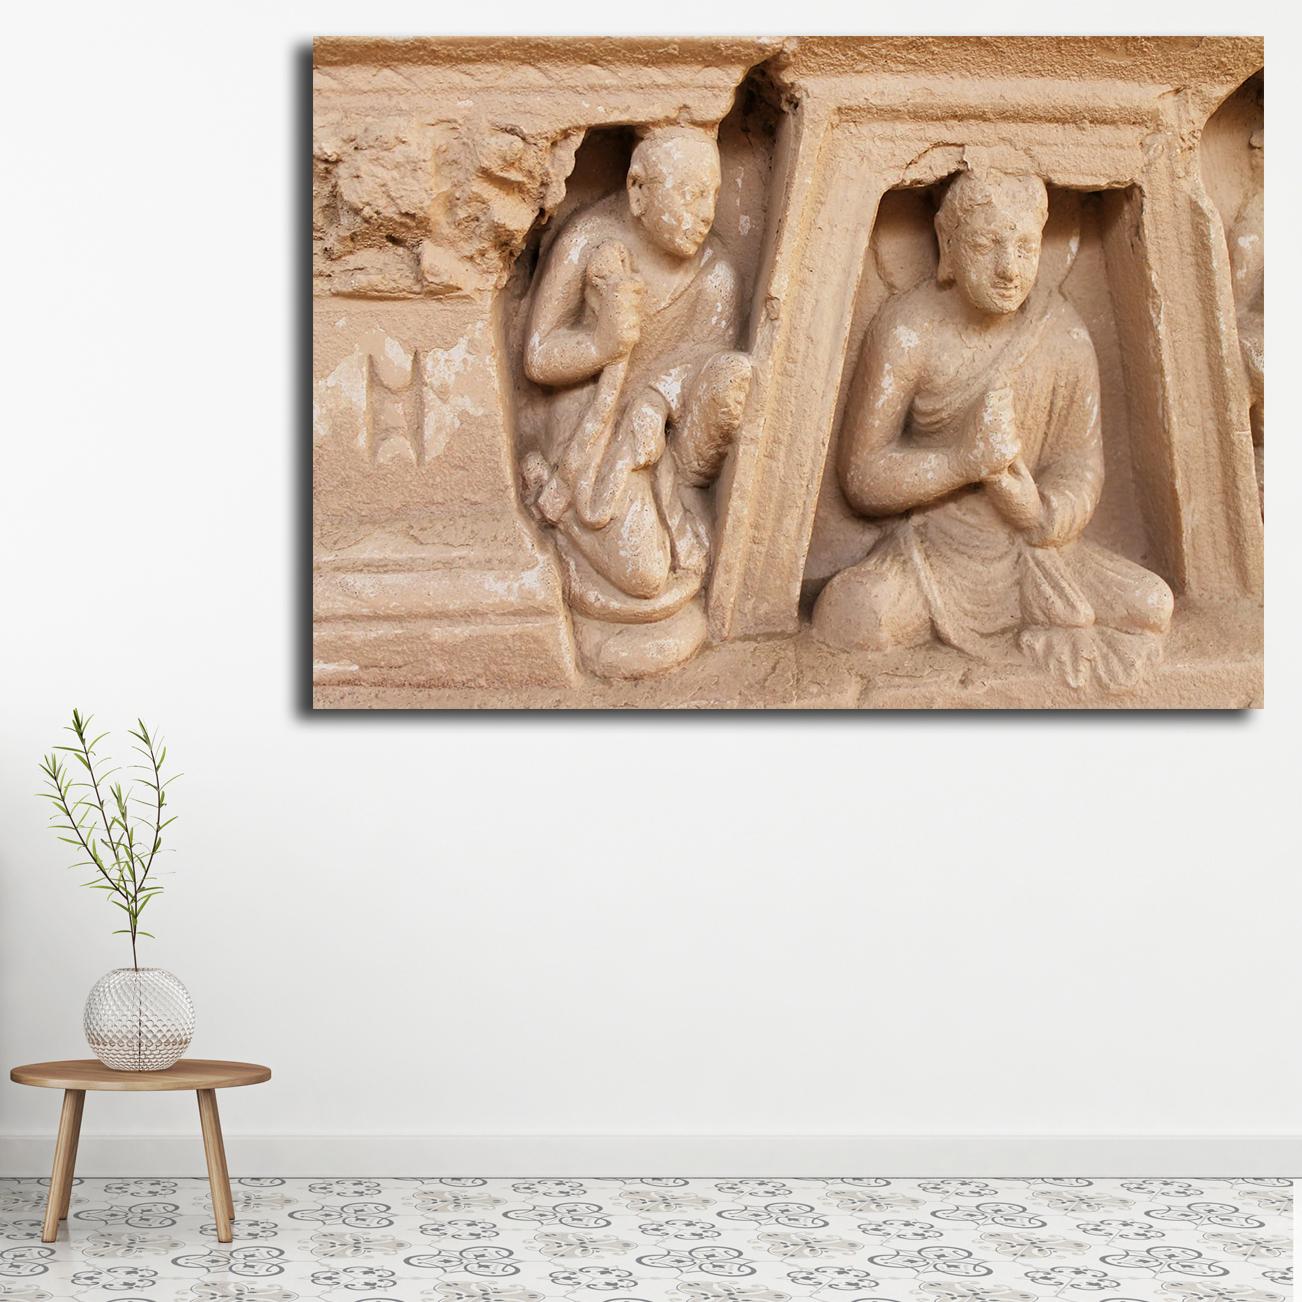 تابلو شاسی مدل آثار باستانی کد 13